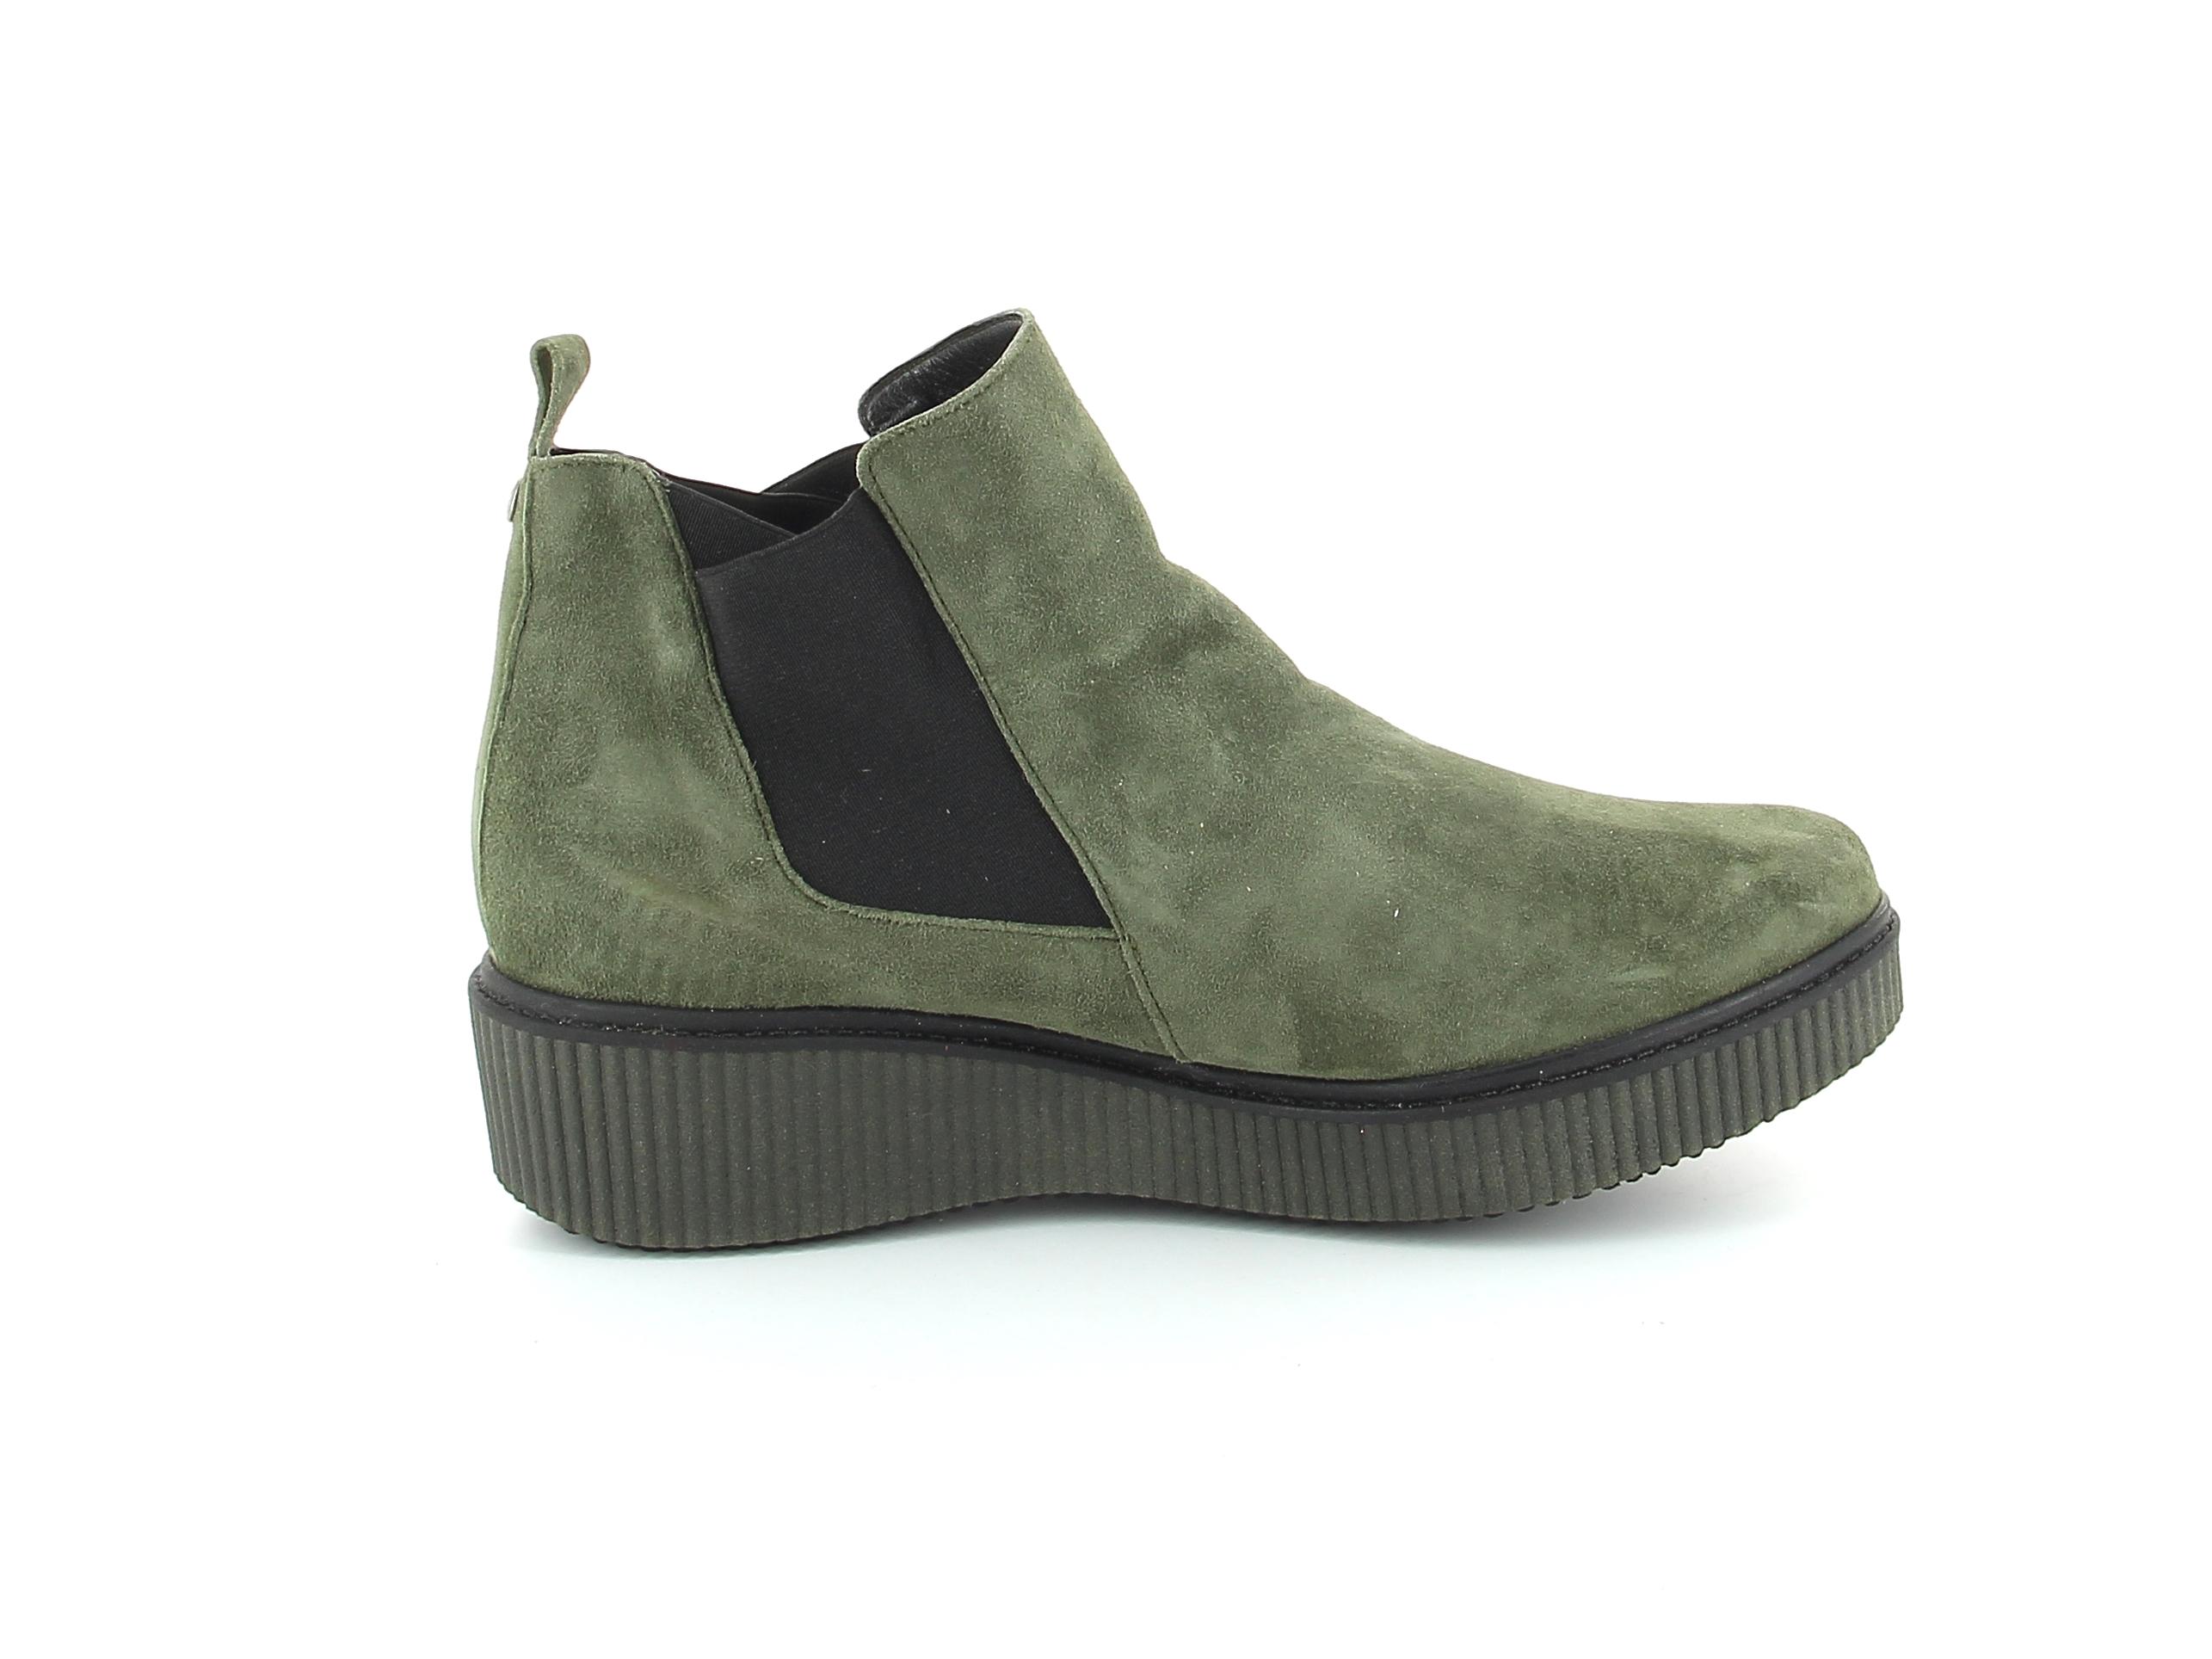 pas cher pour réduction nouvelle arrivee promotion Mephisto-Shop chaussures confortables bottine femme - modèle ...